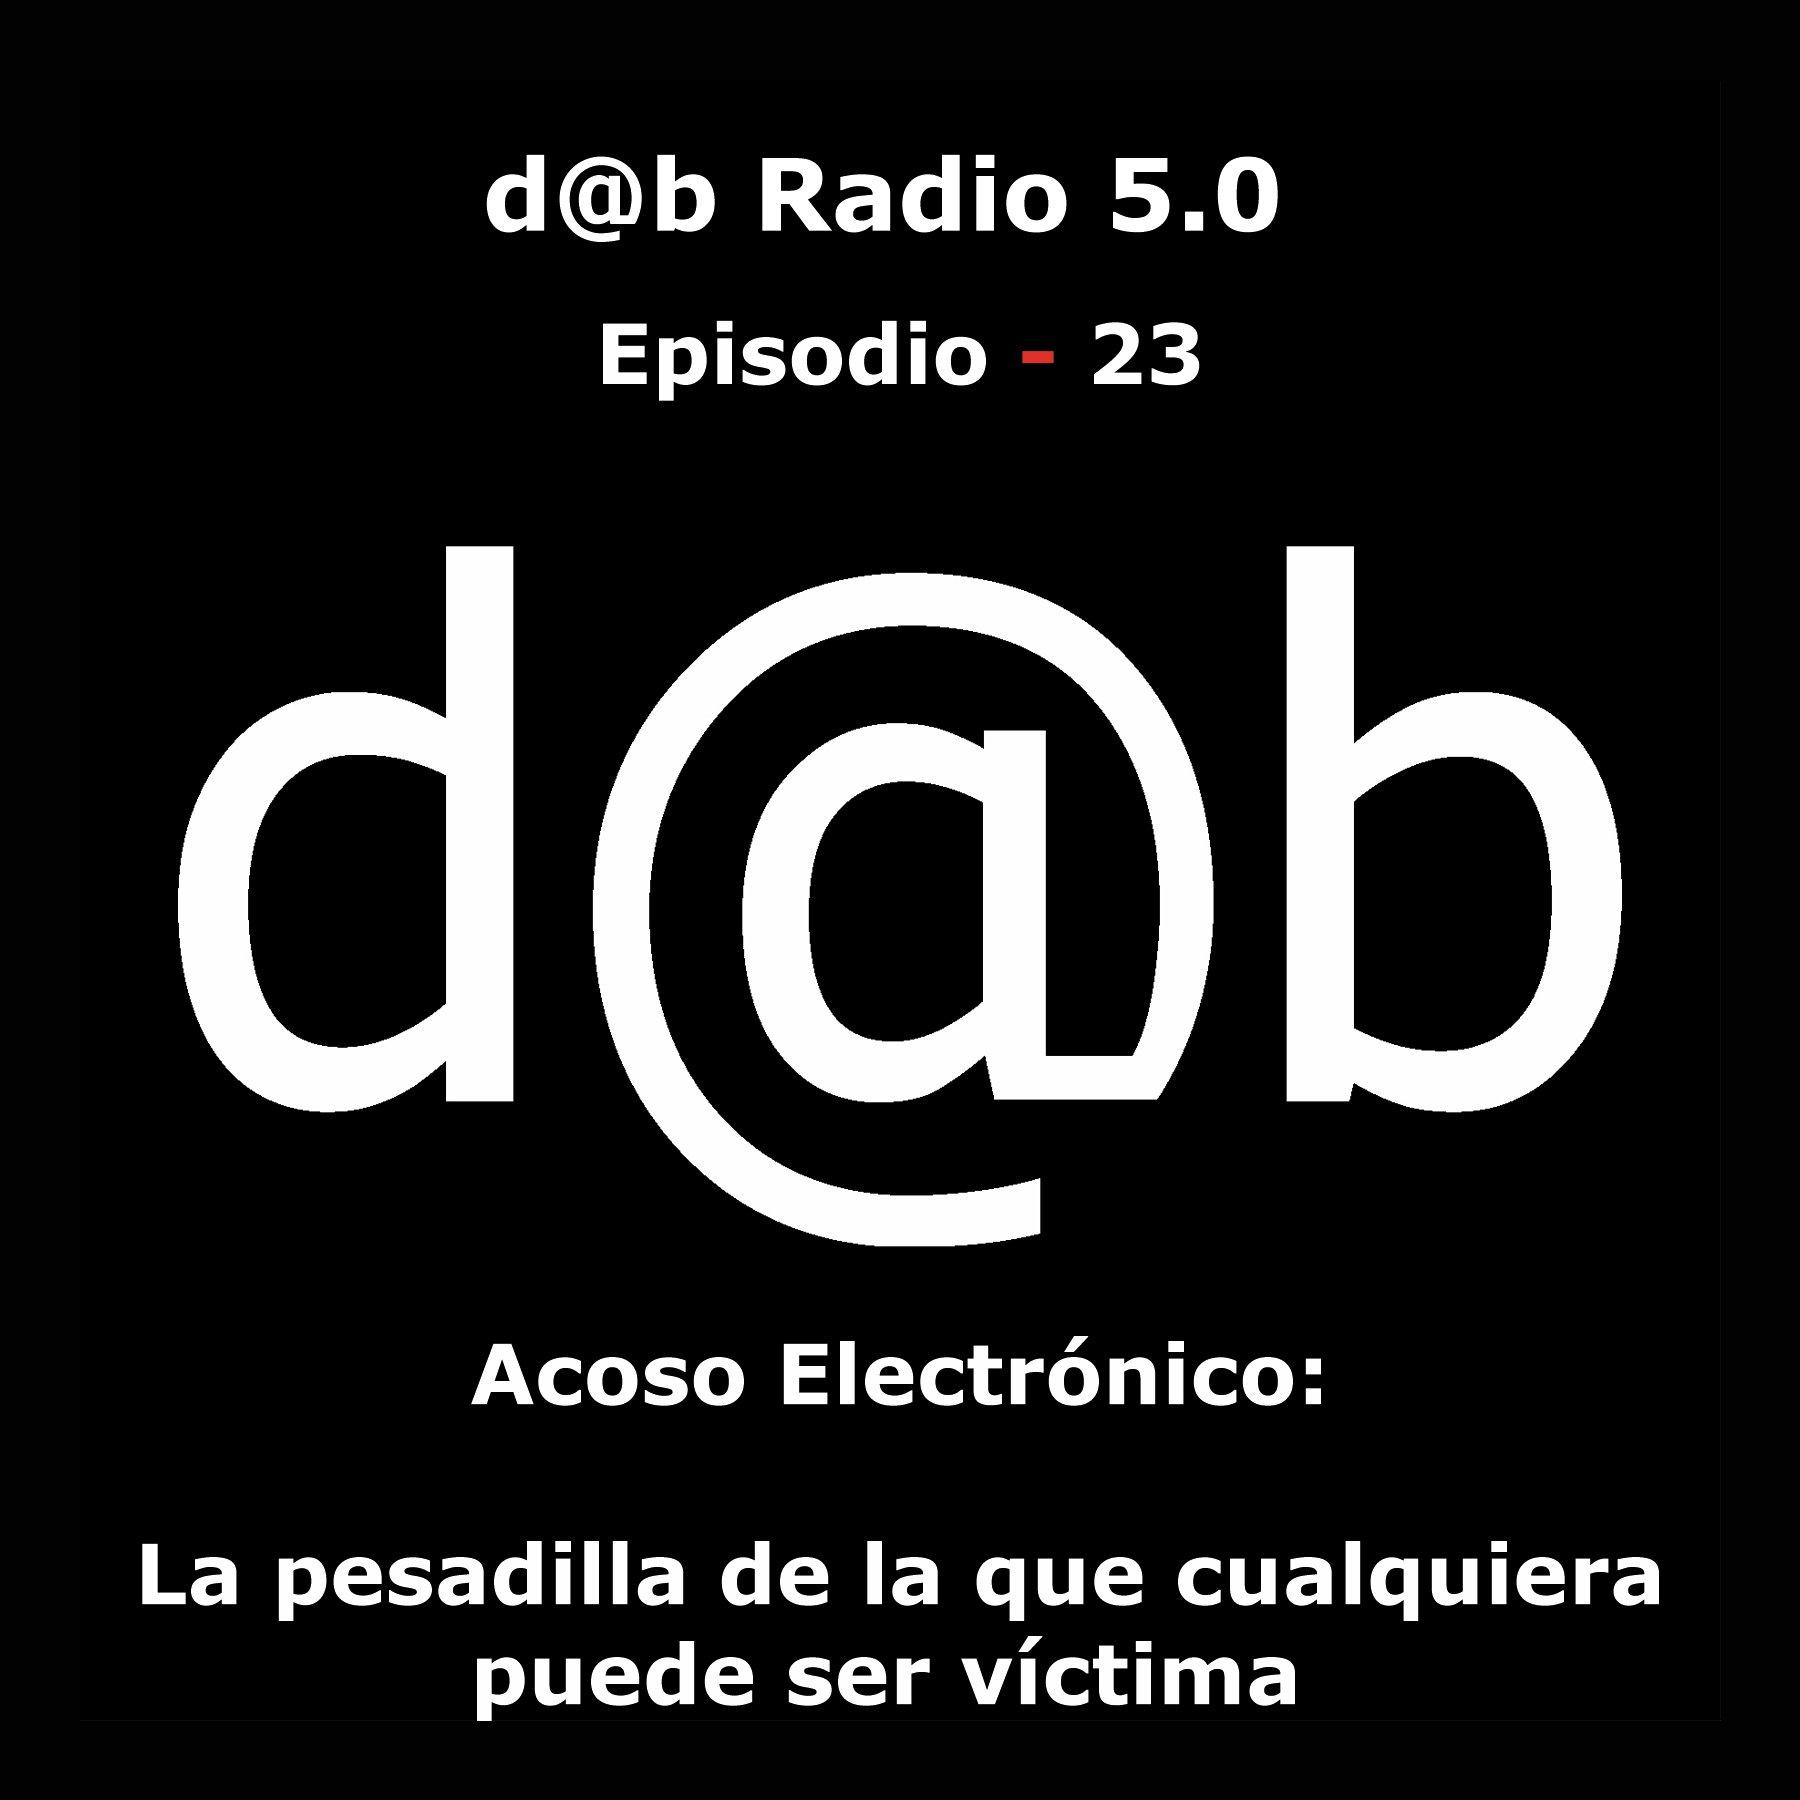 Desmontando a Babylon: d@b  radio  5.0    Episodio  23  –  Acoso  Electrónico:  la  pesadilla  de  la  que  cualquiera  puede  ser  víctima